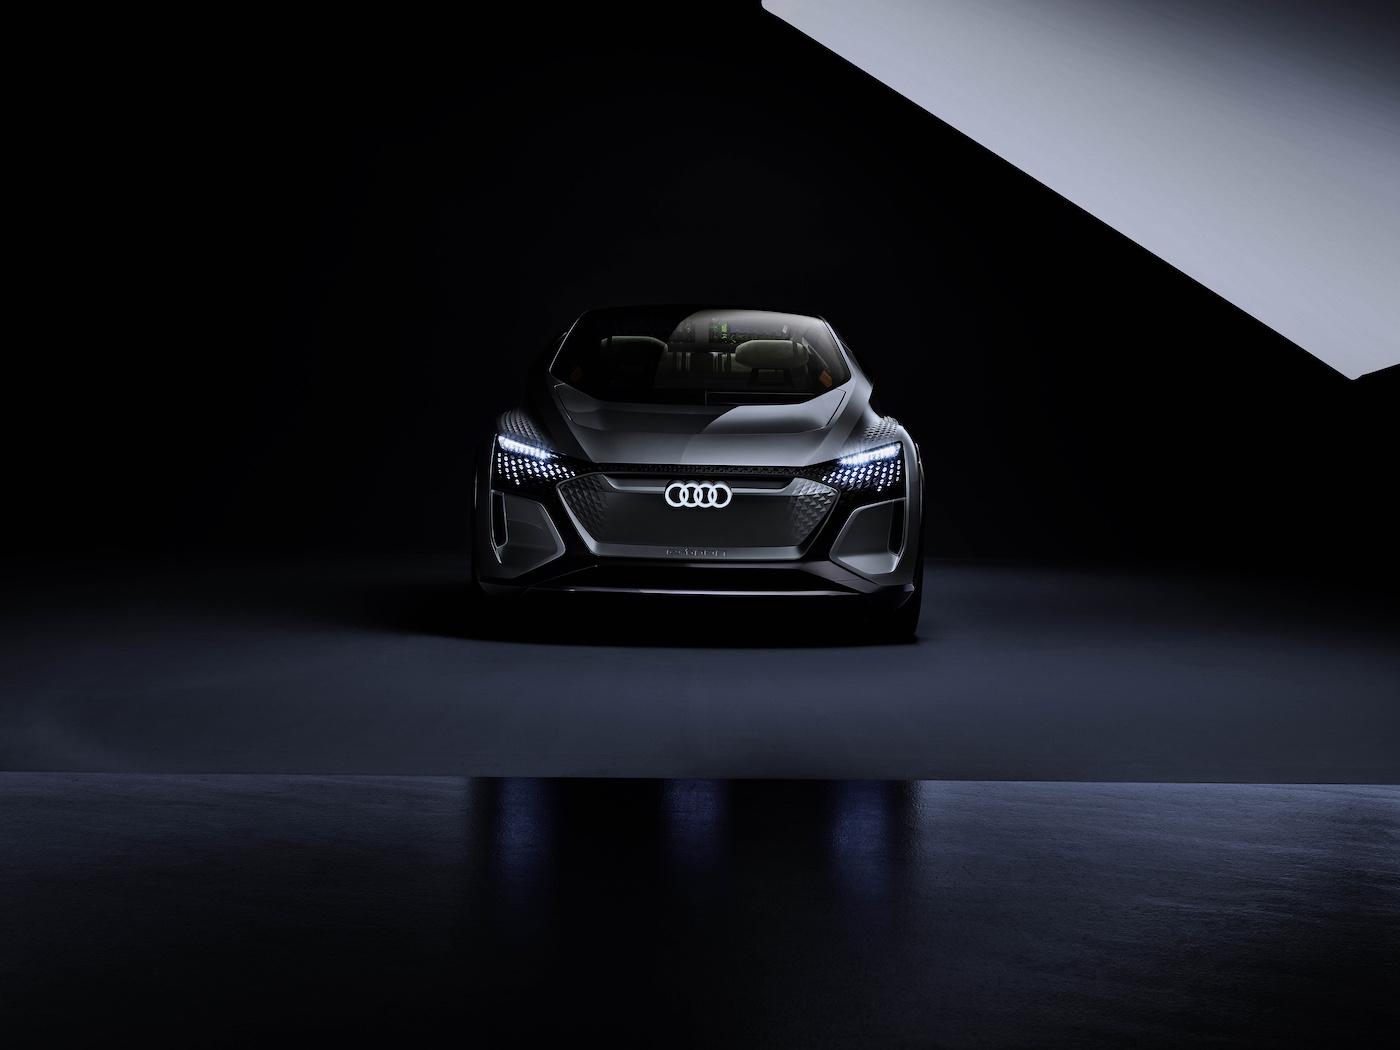 Der kompakte Audi der Zukunft: Das ist der Audi AI:ME 5